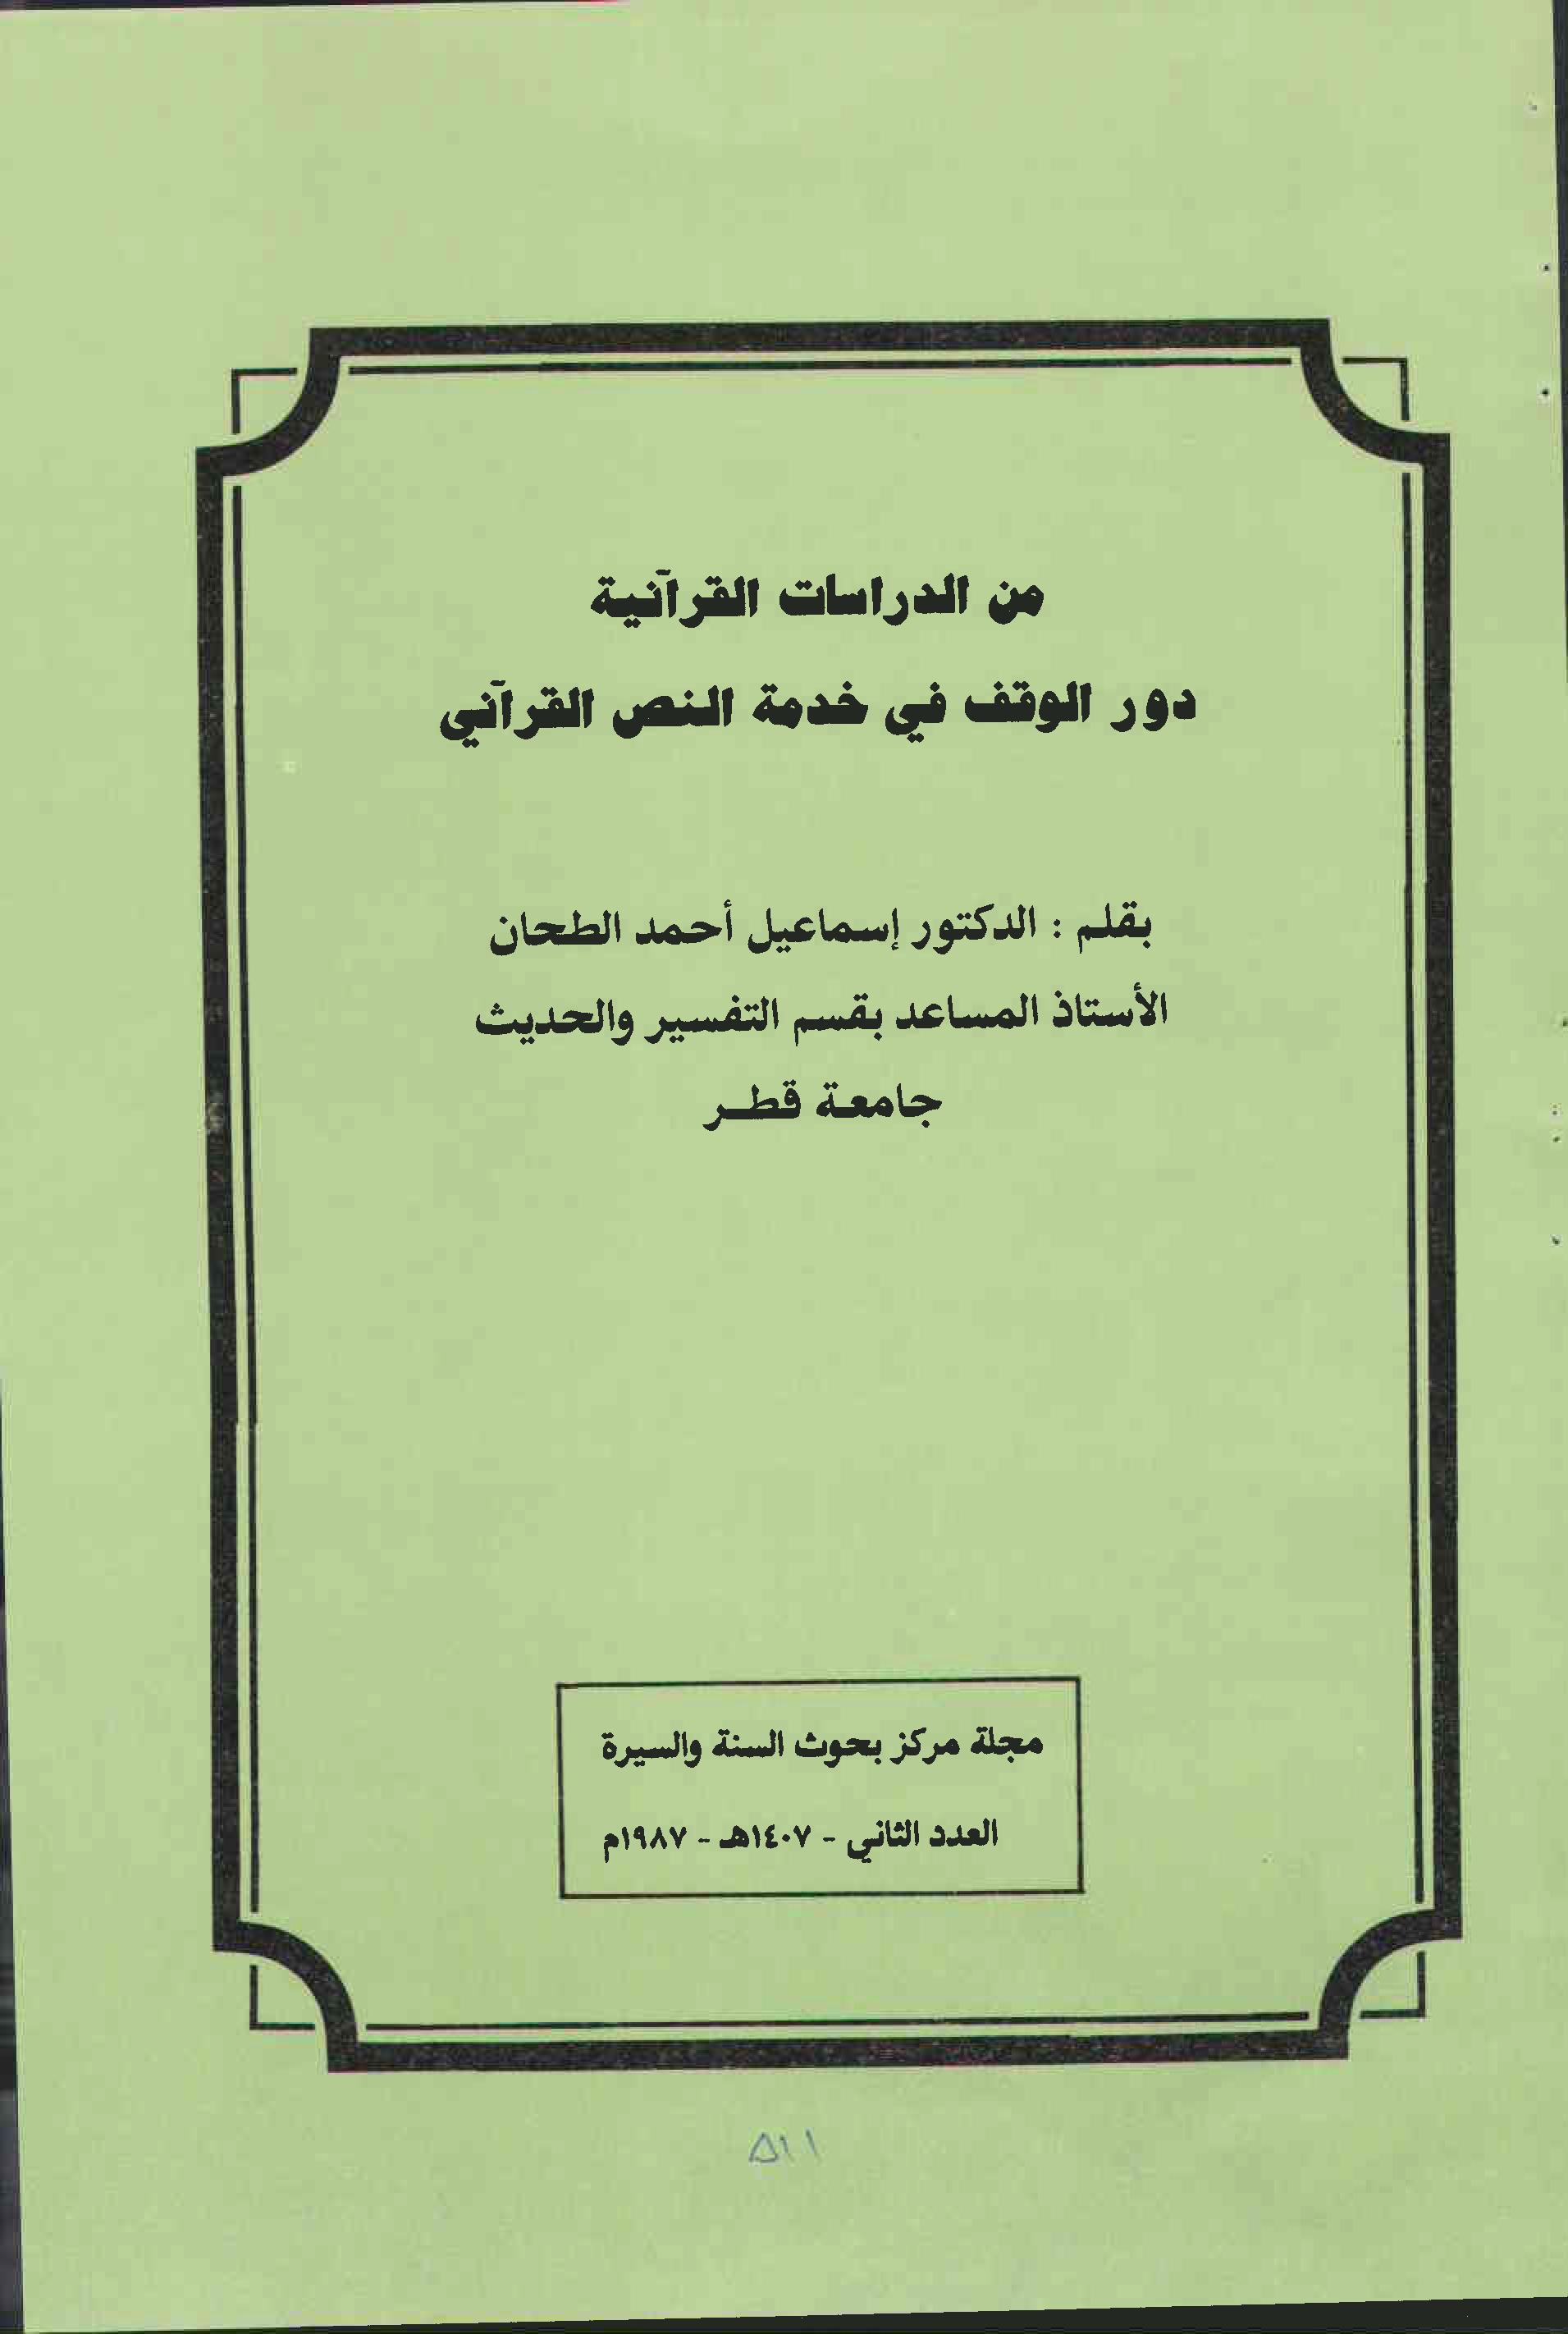 تحميل كتاب من الدراسات القرآنية: دور الوقف في خدمة النص القرآني لـِ: الدكتور إسماعيل أحمد الطحان